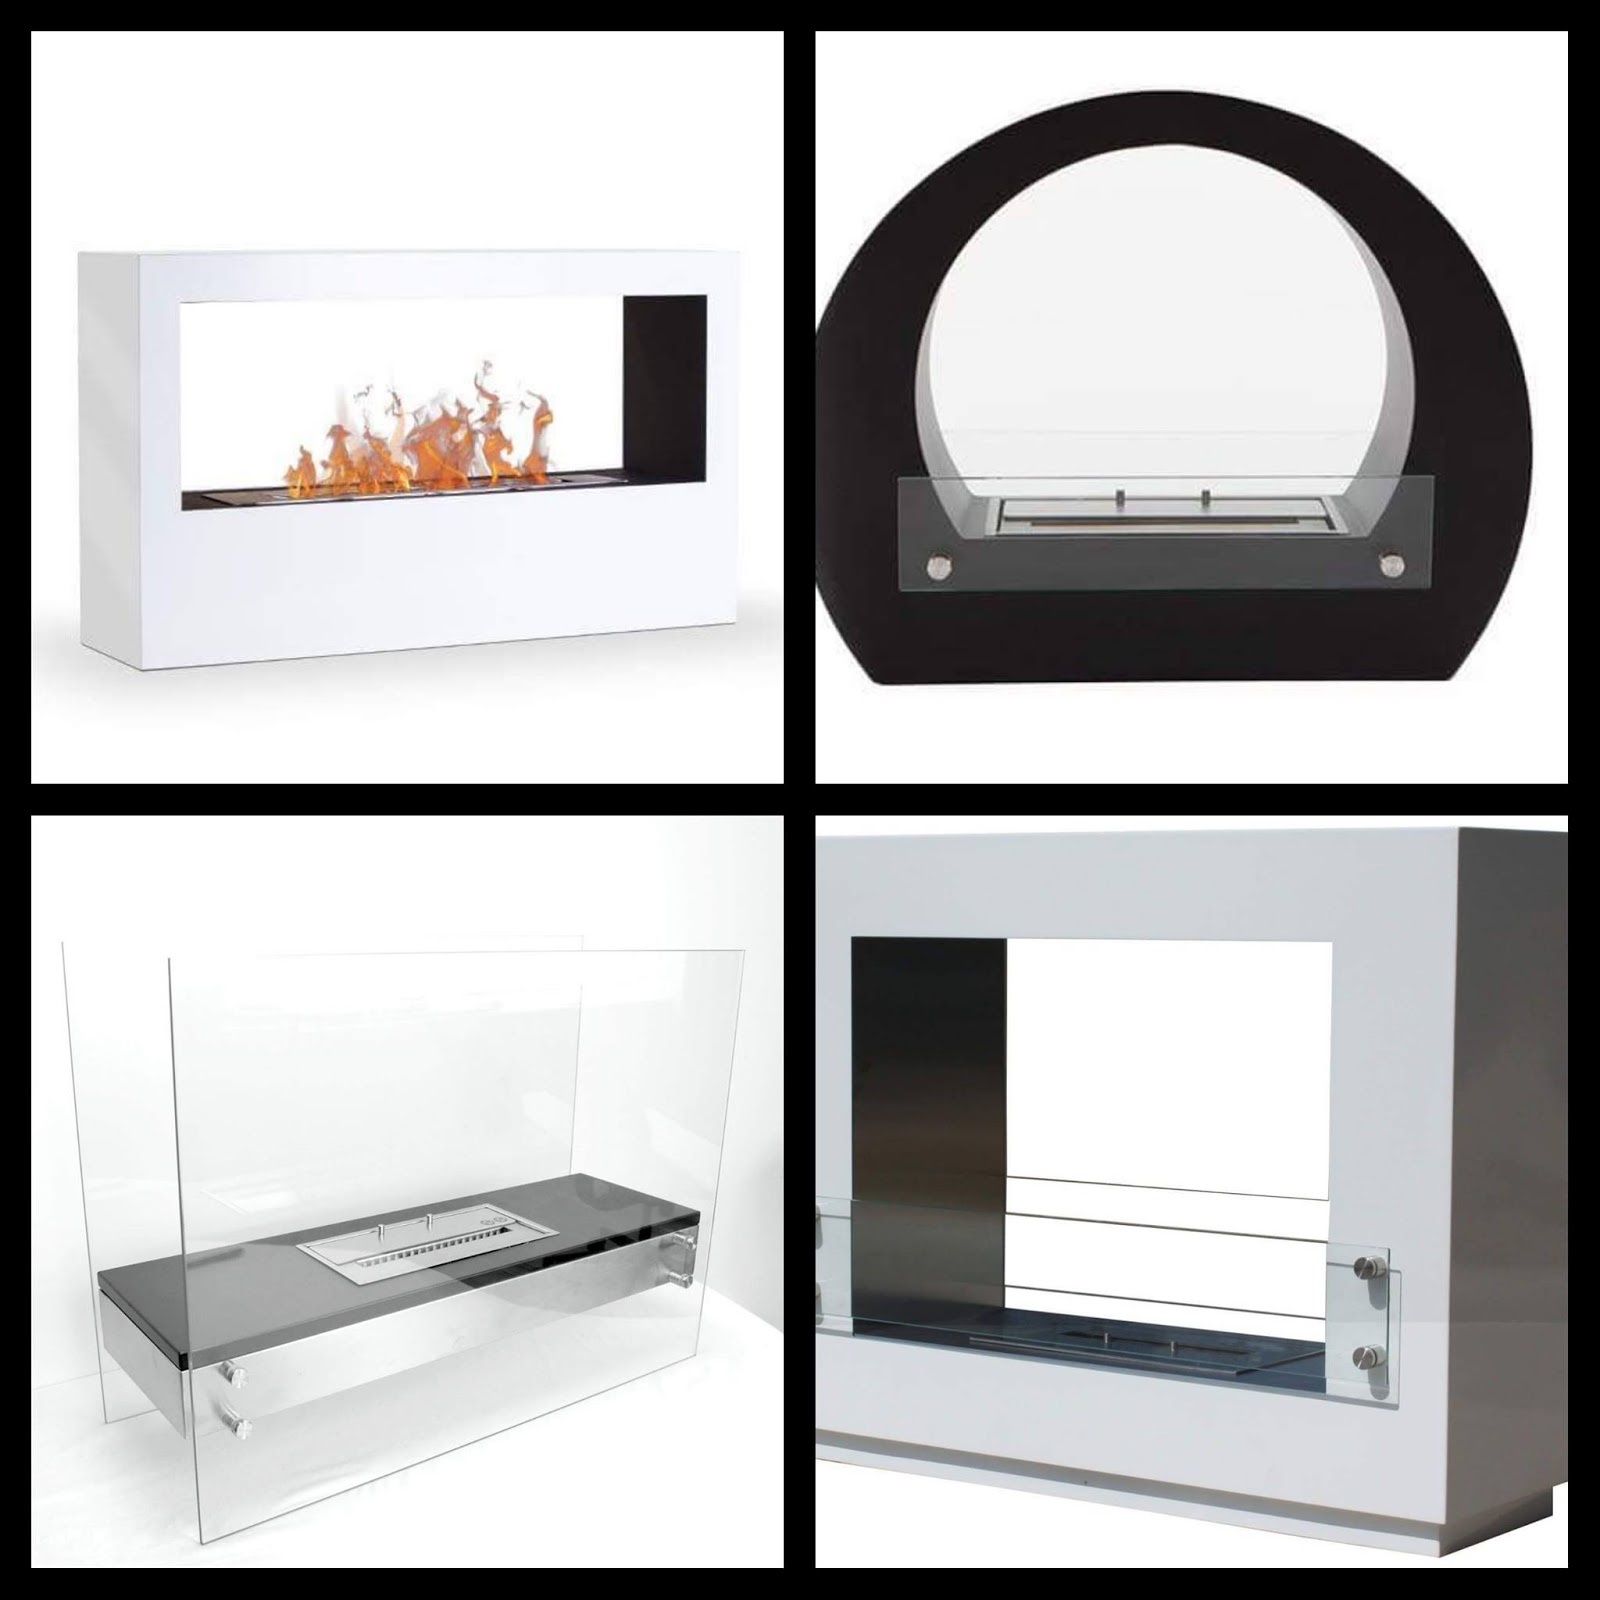 heike testet bio kamine vom bio ethanol kamin shop die umweltfreundliche alternative zum. Black Bedroom Furniture Sets. Home Design Ideas